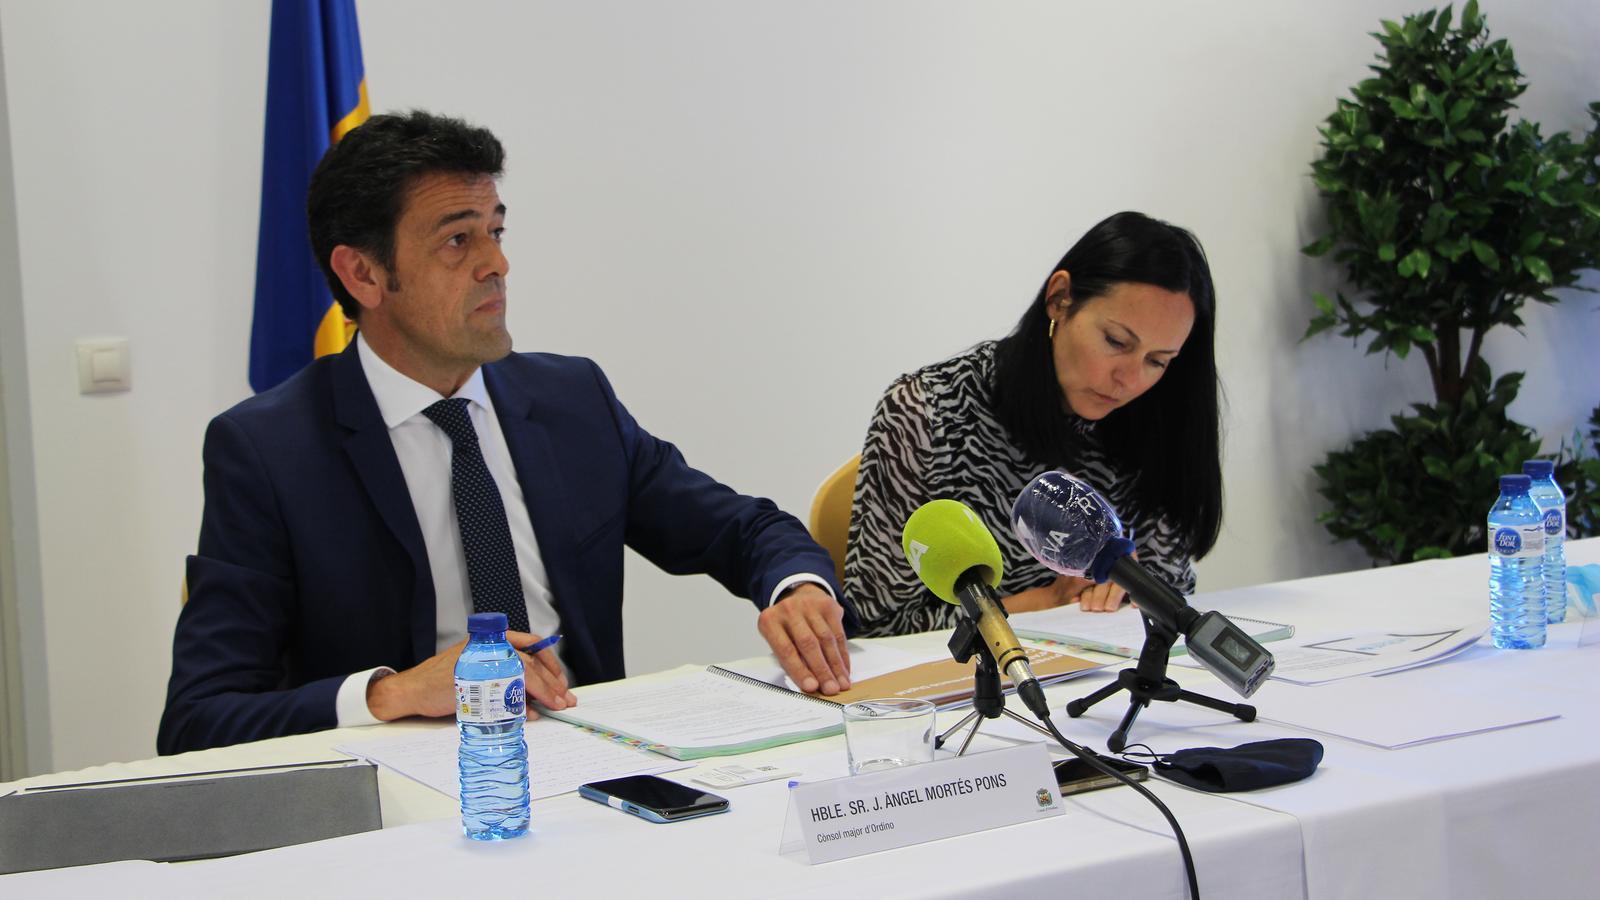 El cònsol major d'Ordino, Josep Àngel Mortés, i la cònsol major de la Massana, Olga Molné, en la roda de premsa posterior a la reunió de cònsols